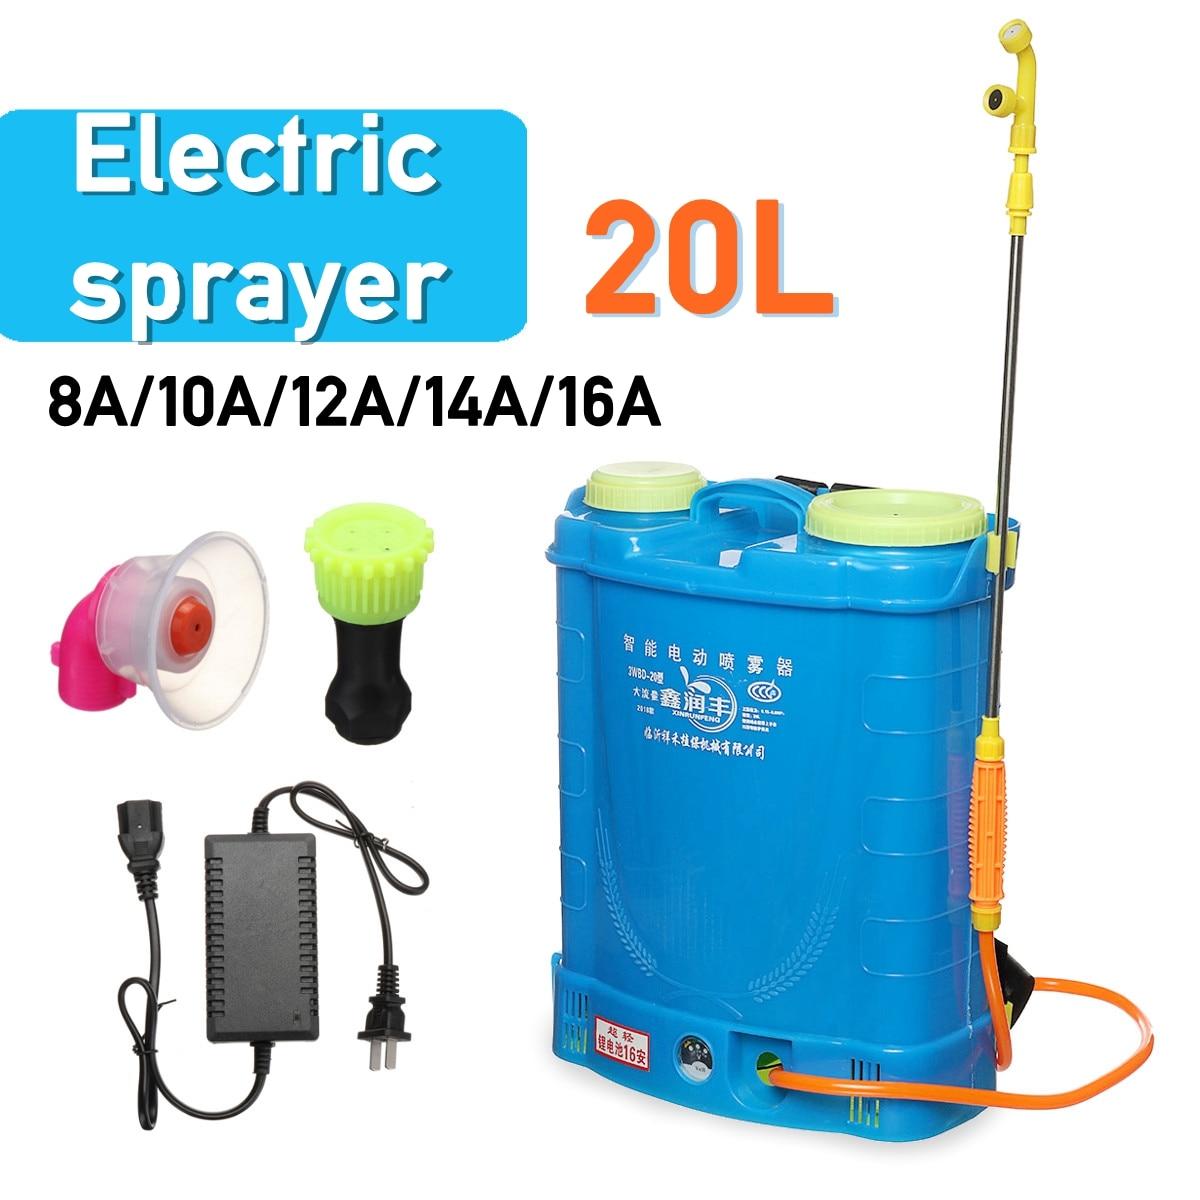 20L 8/10/12/14/16A Batterie Au Lithium Électrique pulvérisateur Pesticide Agricole Haute pression de charge distributeur équipement de jardin